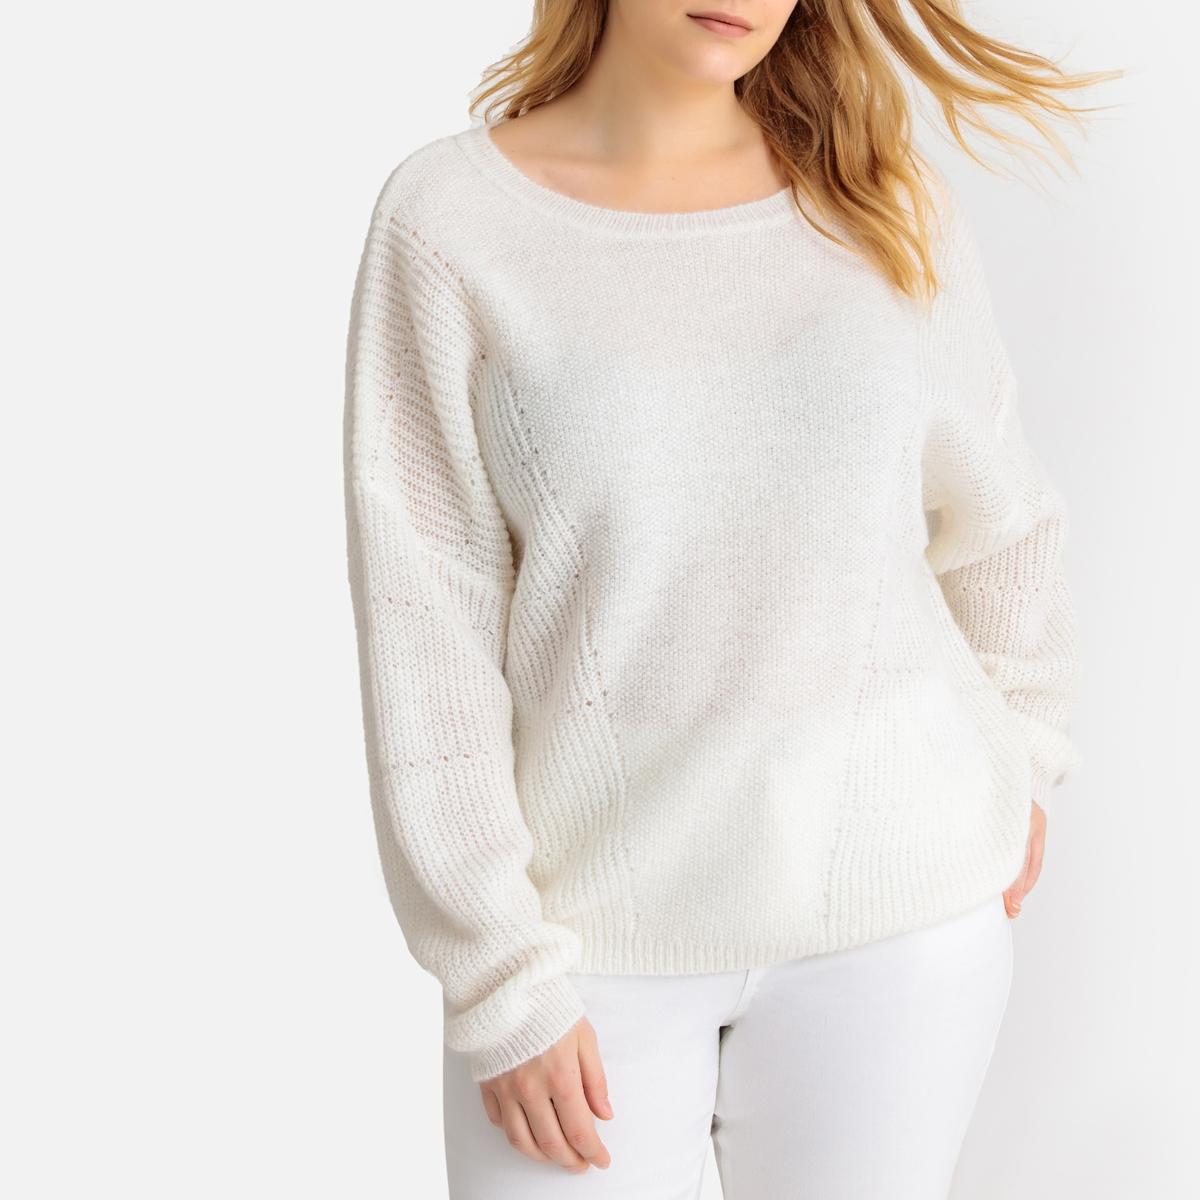 Пуловер La Redoute С круглым вырезом из плотного трикотажа 50/52 (FR) - 56/58 (RUS) белый